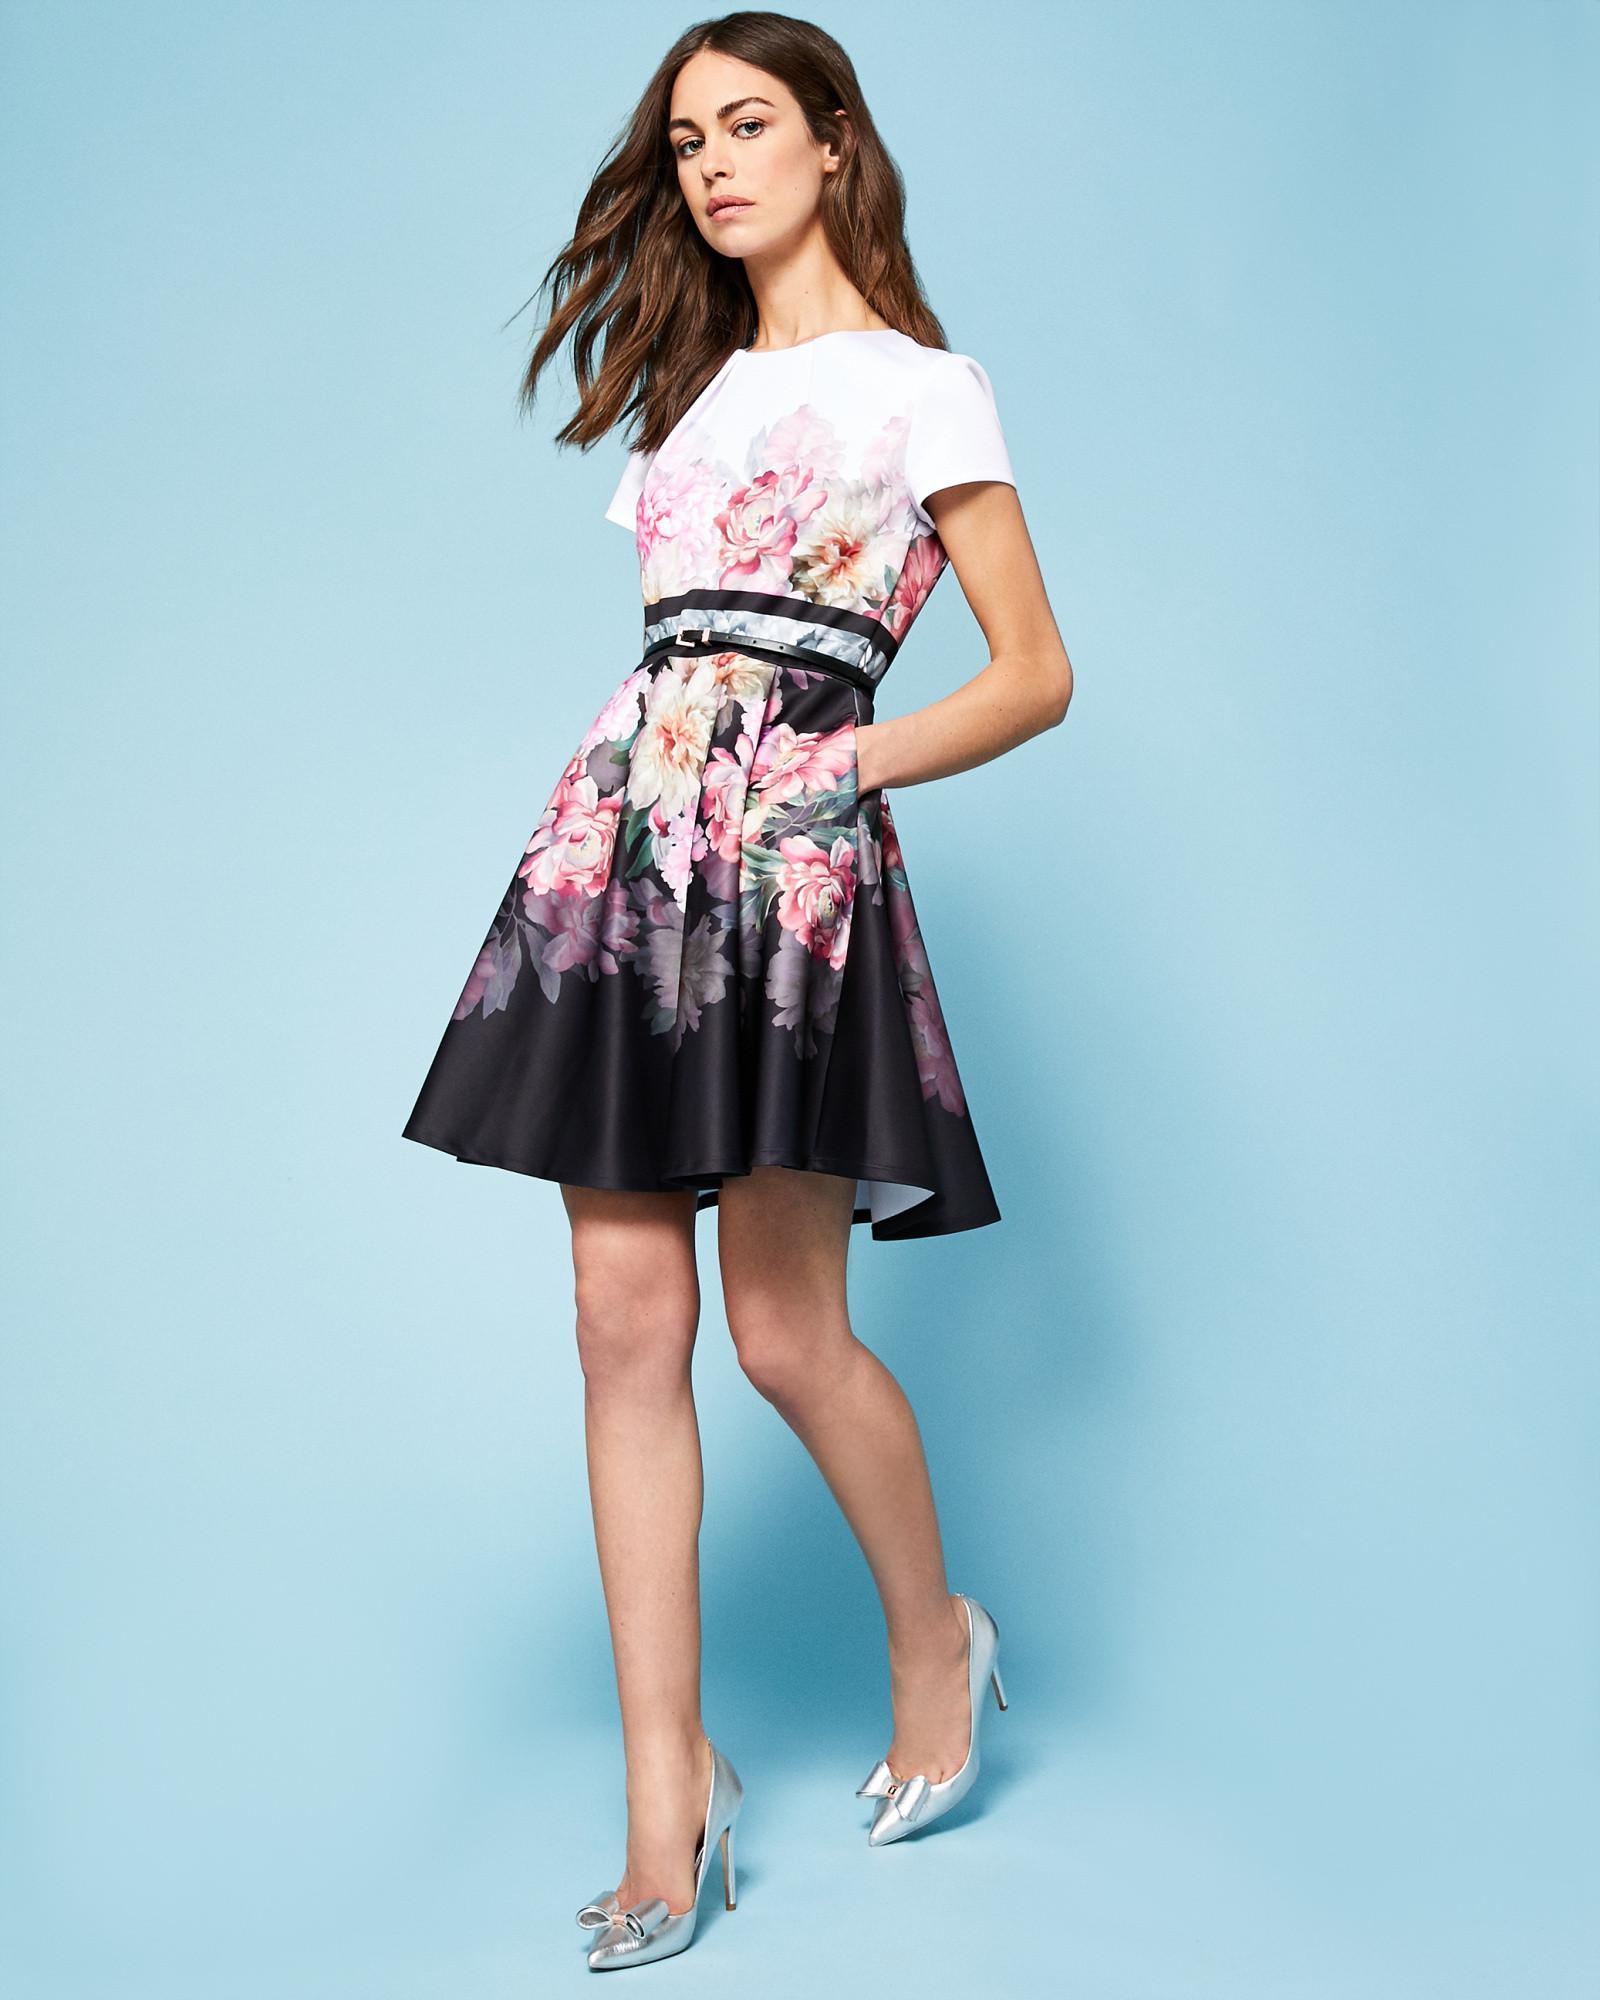 9897f0155d8524 Lyst - Ted Baker Painted Poise Skater Dress